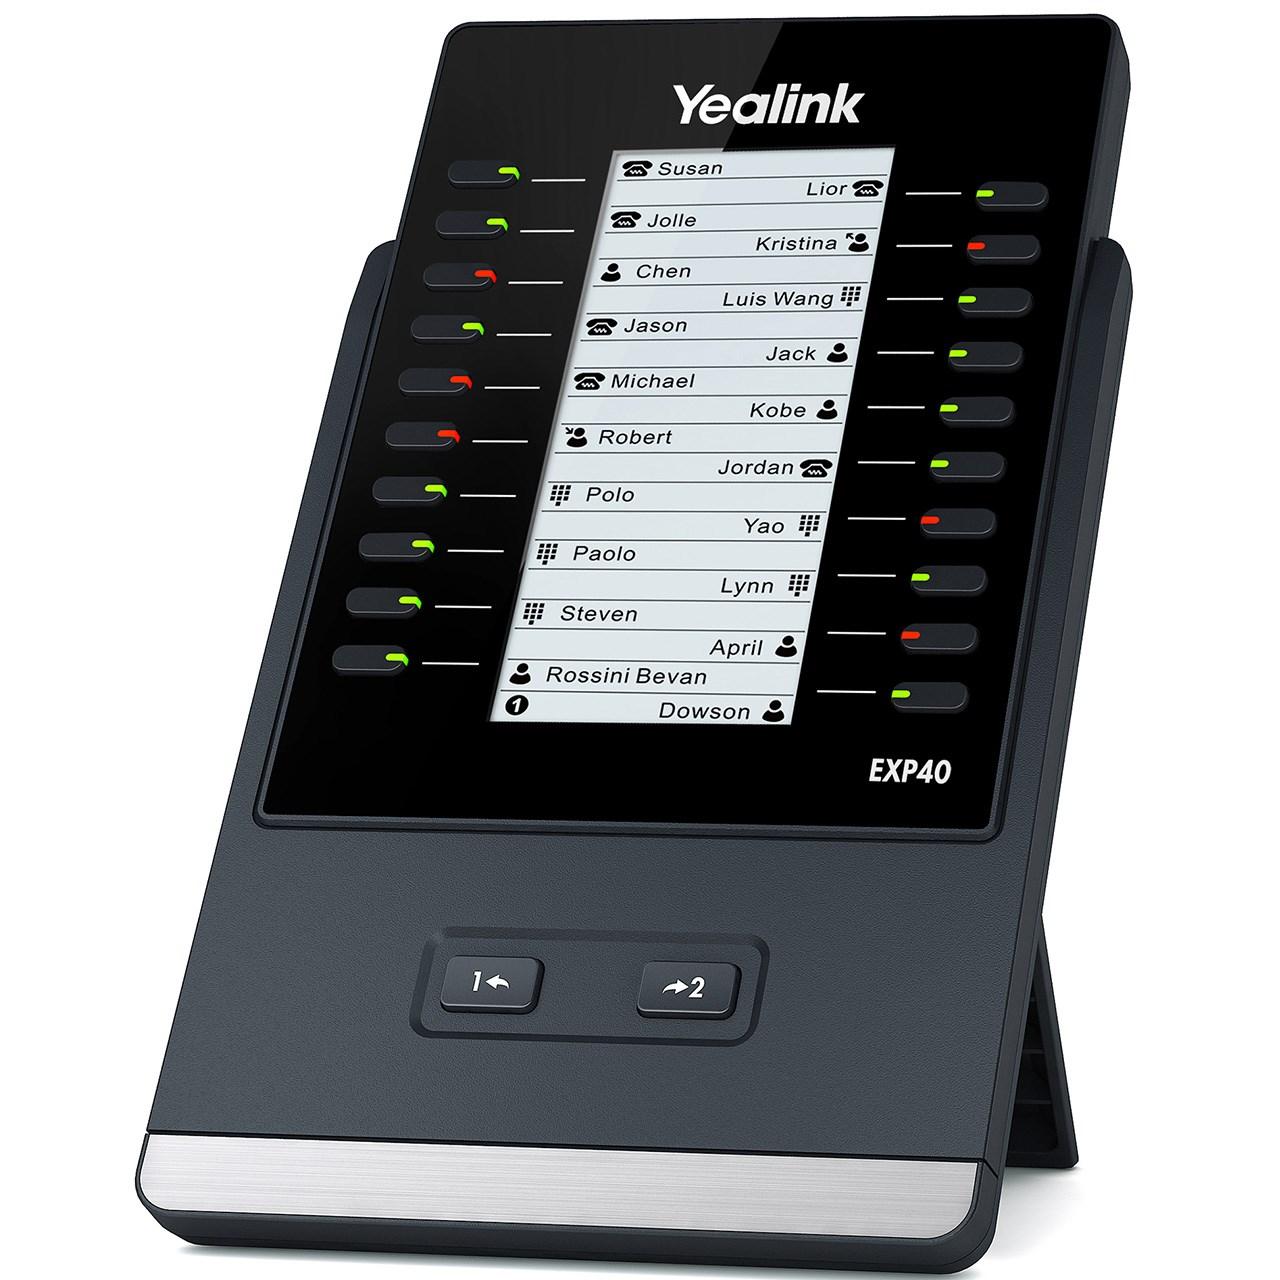 ماژول افزایش ظرفیت تلفن تحت شبکه یالینک مدل EXP40